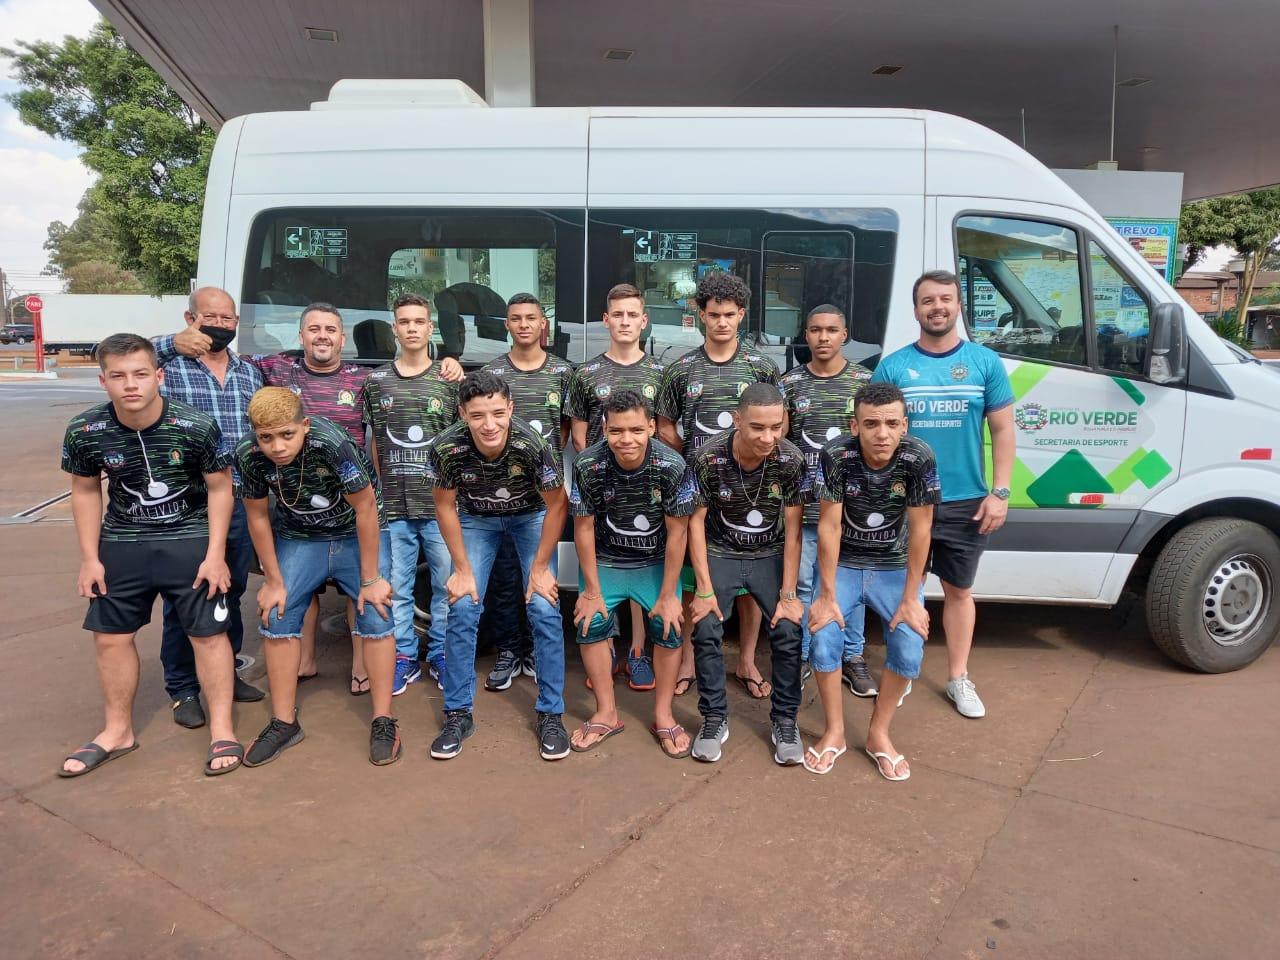 AERV disputará em Brasília o Campeonato Brasileiro de Handebol